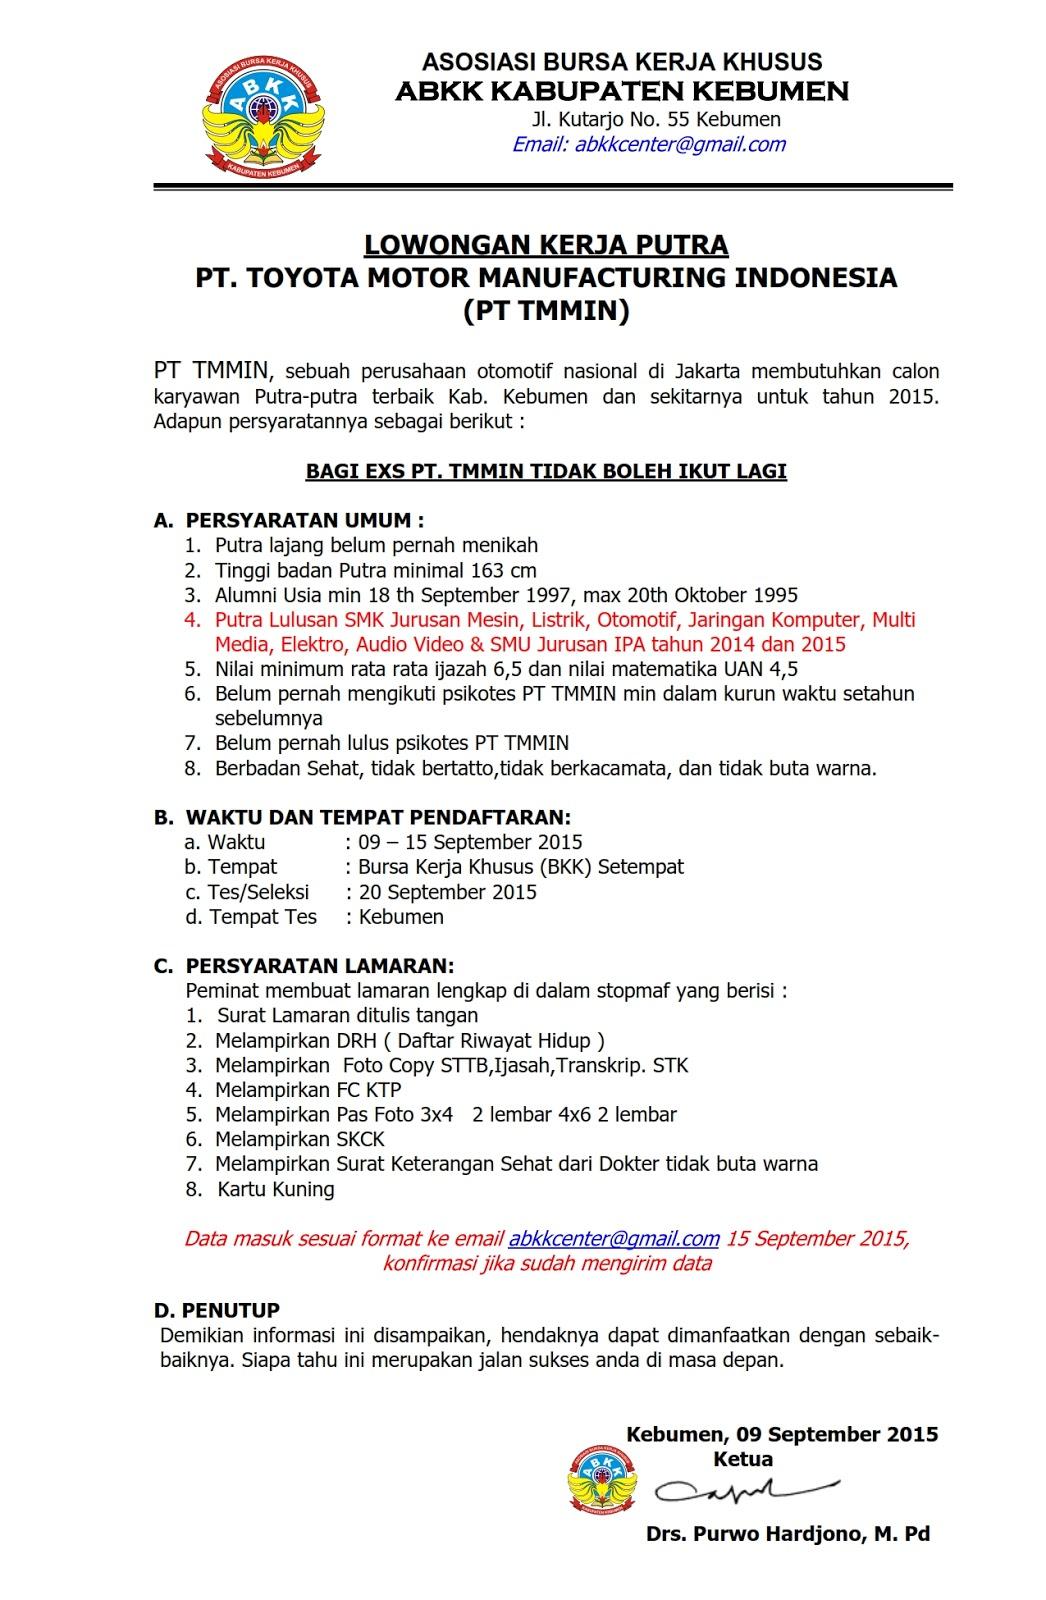 Info Lowongan Pekerjaan PT. Toyota Motor Manufacturing